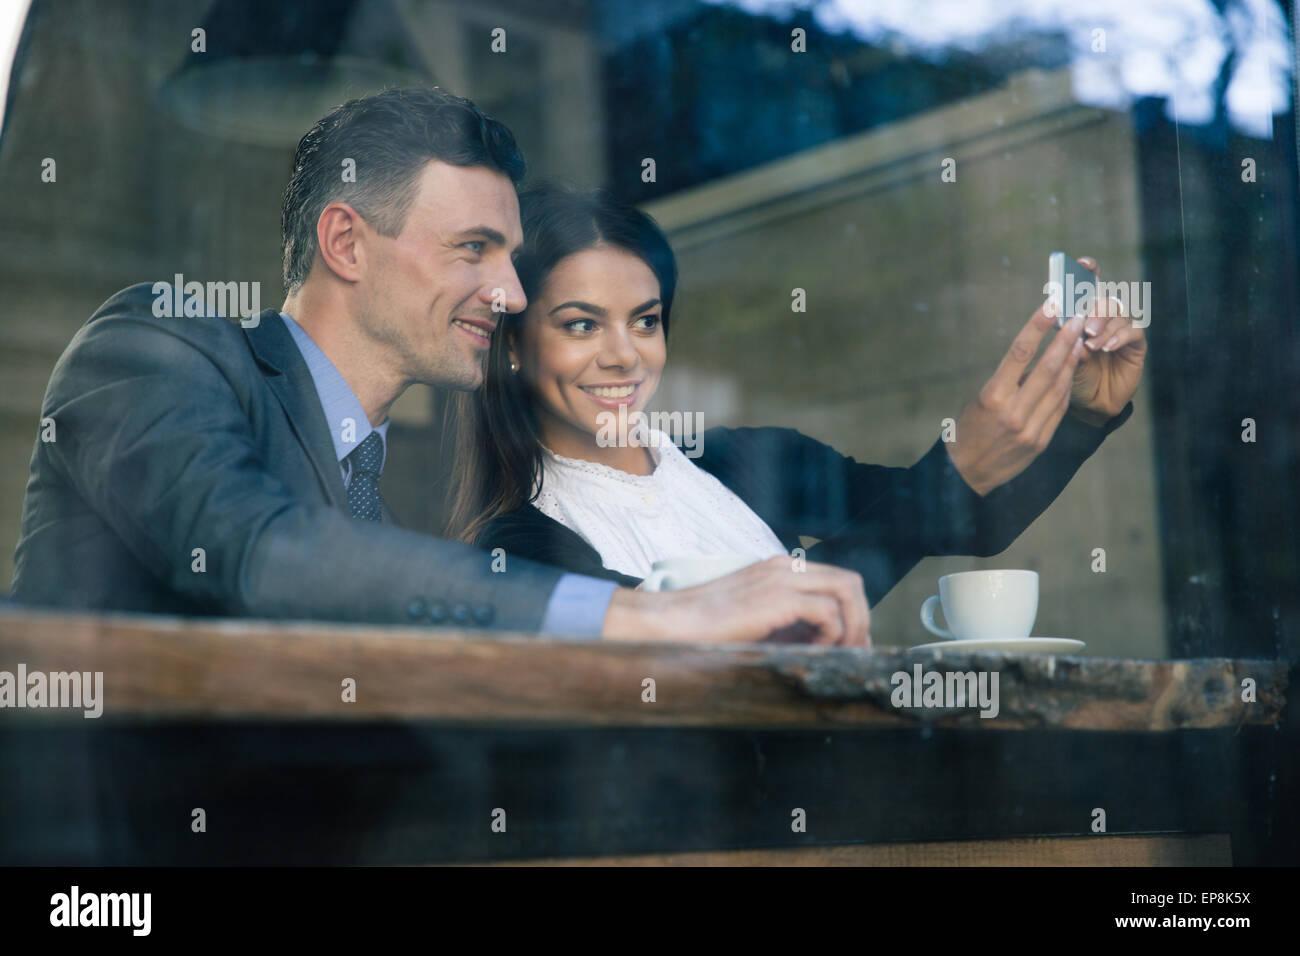 La empresaria sonriente y empresario haciendo selfie foto en smartphone en cafe Imagen De Stock